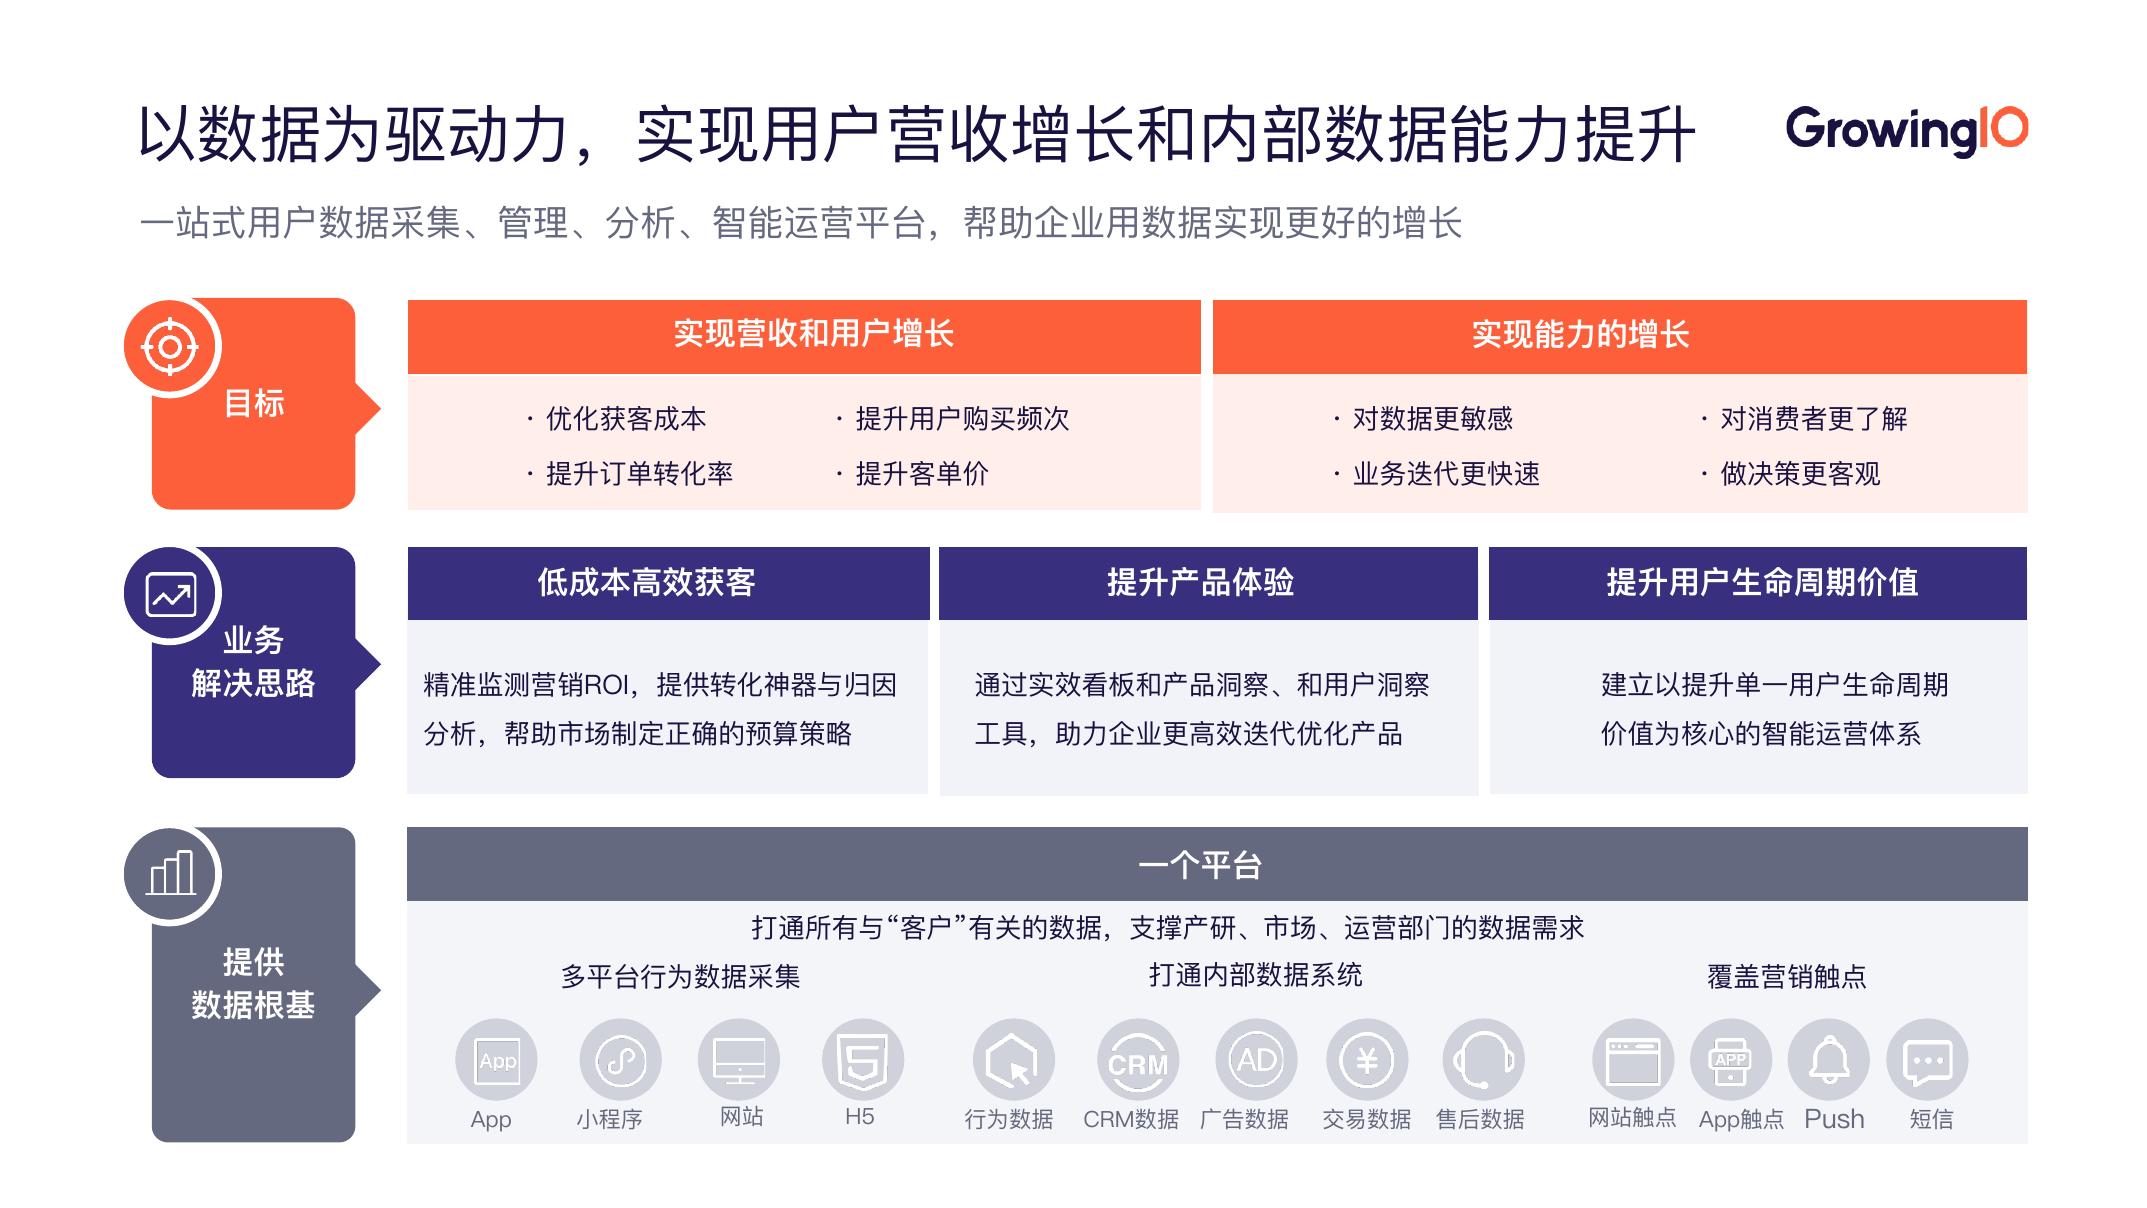 蜜芽宝贝:基于客户数据平台的电商增长实践(可下载报告)插图(53)